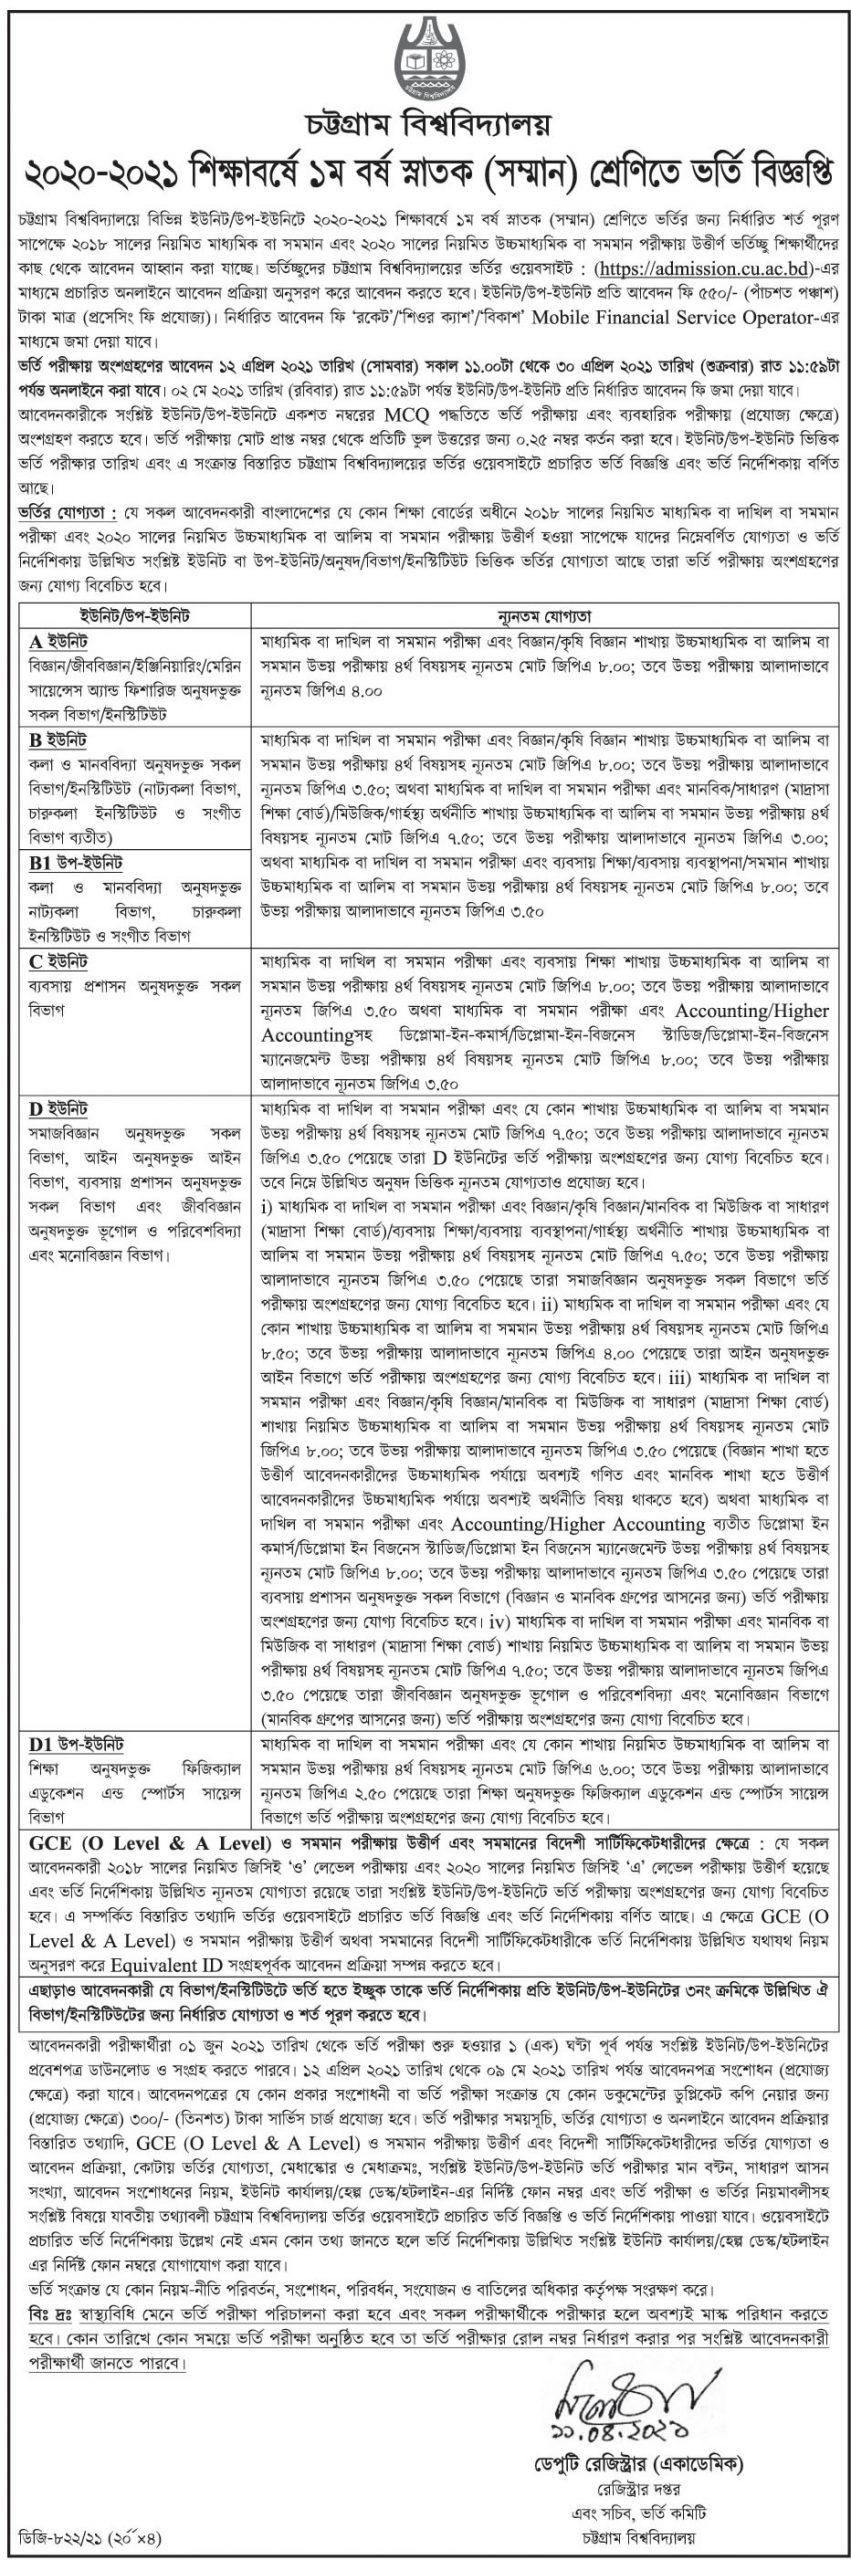 চট্টগ্রাম বিশ্ববিদ্যালয় (চবি) ভর্তি বিজ্ঞপ্তি ২০২০-২০২১ - Chittagong University Admission Circular 2020-2021